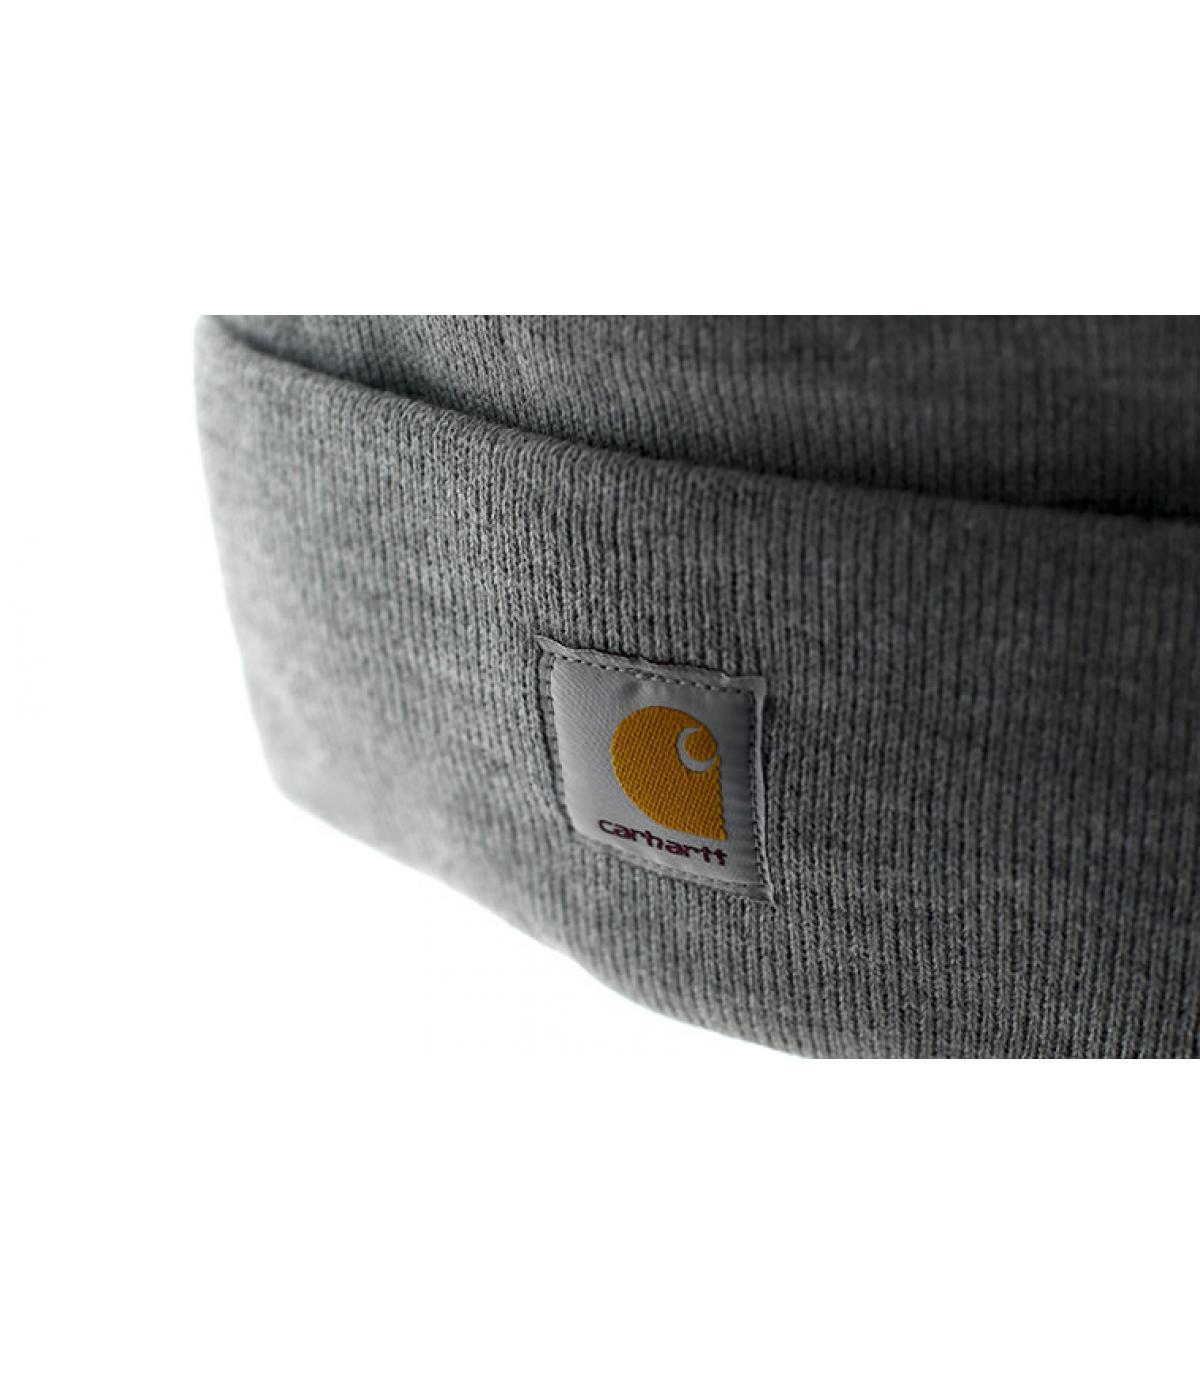 Détails Bonnet Watch heather grey - image 3